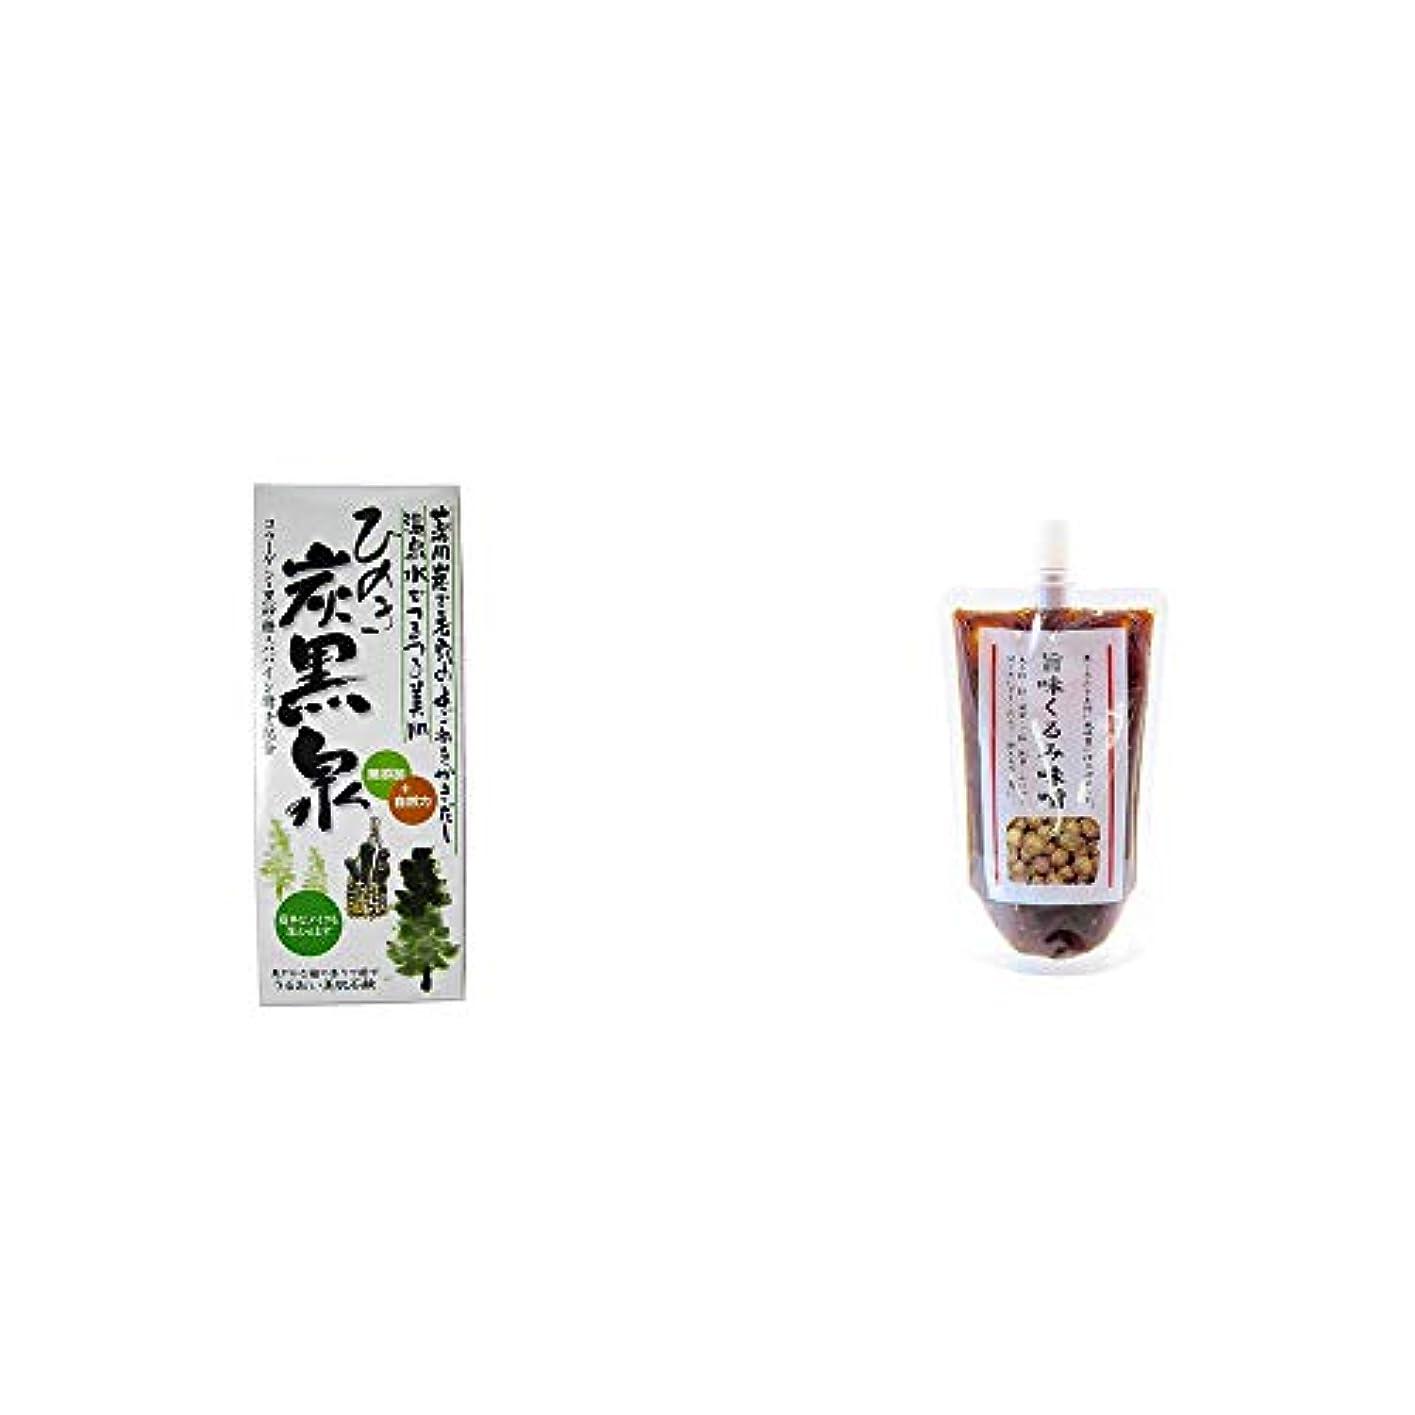 かび臭い松レッスン[2点セット] ひのき炭黒泉 箱入り(75g×3)?旨味くるみ味噌(260g)